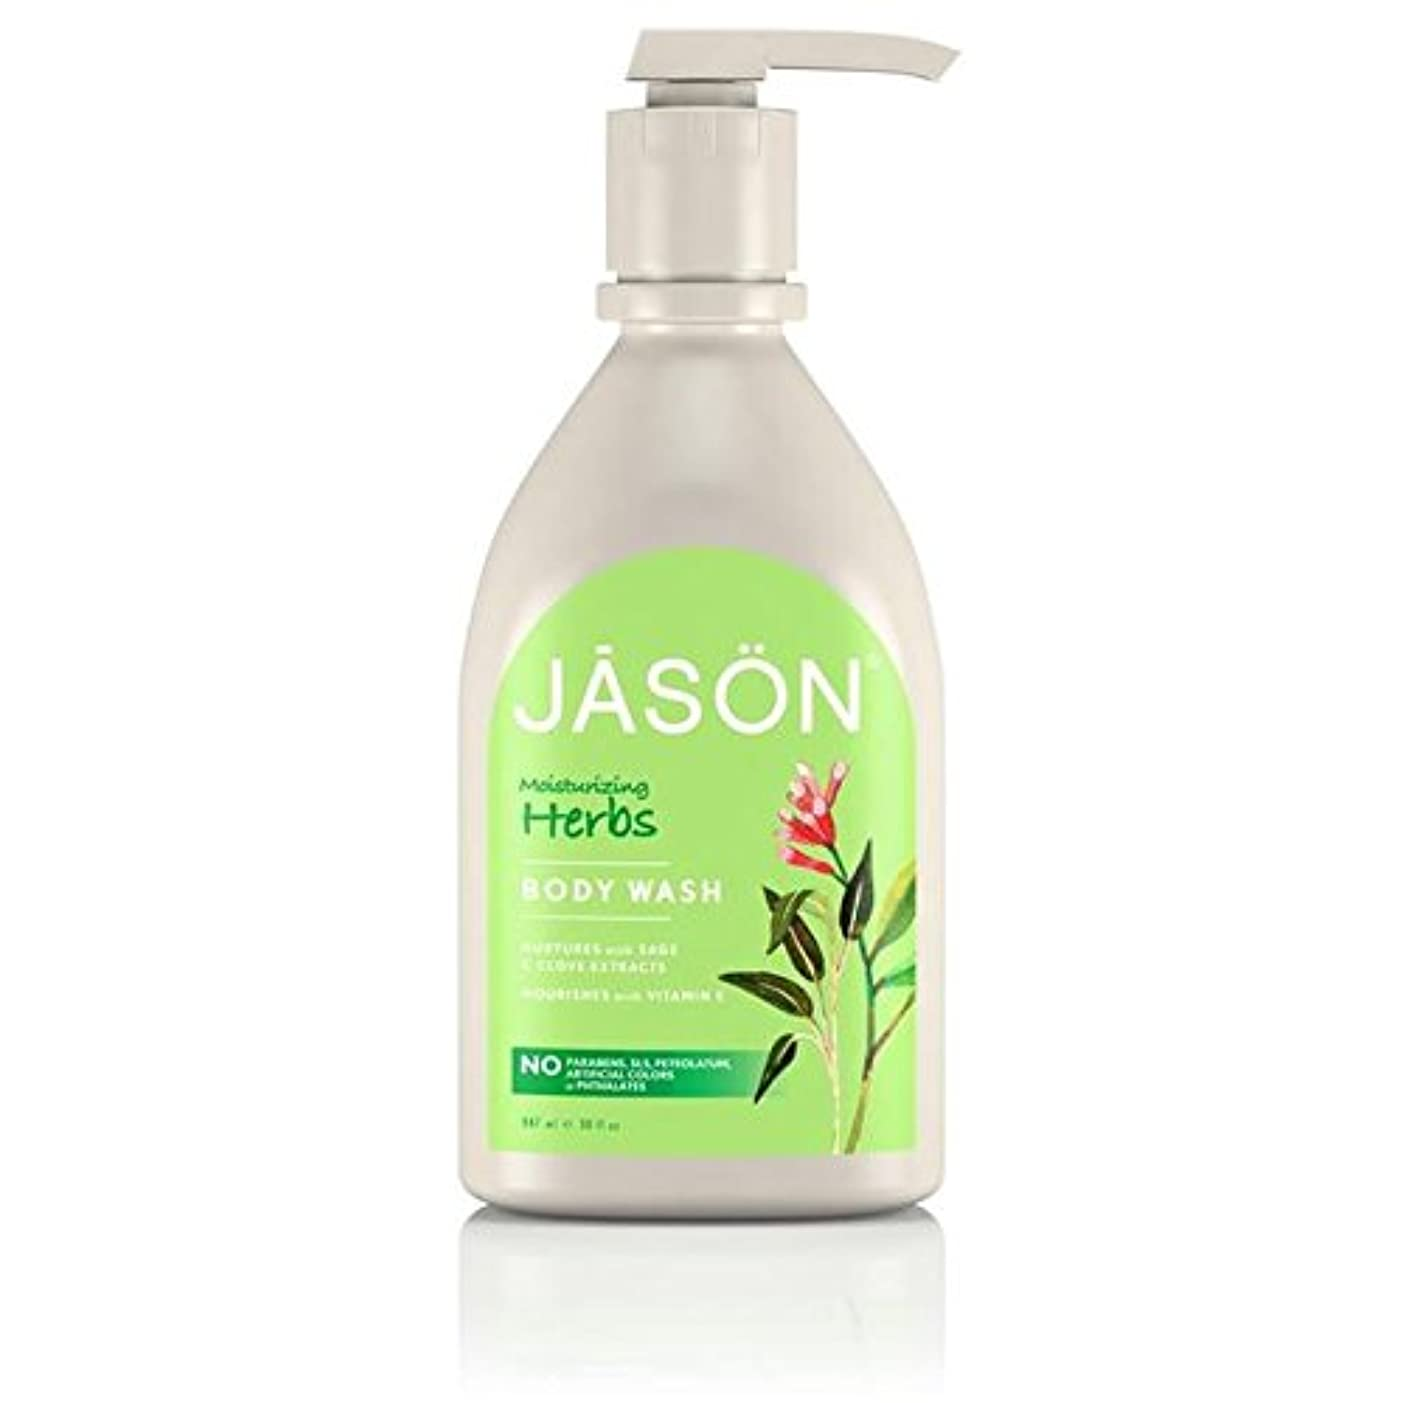 人気羽大惨事ジェイソン?ハーブサテンボディウォッシュポンプ900ミリリットル x4 - Jason Herbal Satin Body Wash Pump 900ml (Pack of 4) [並行輸入品]